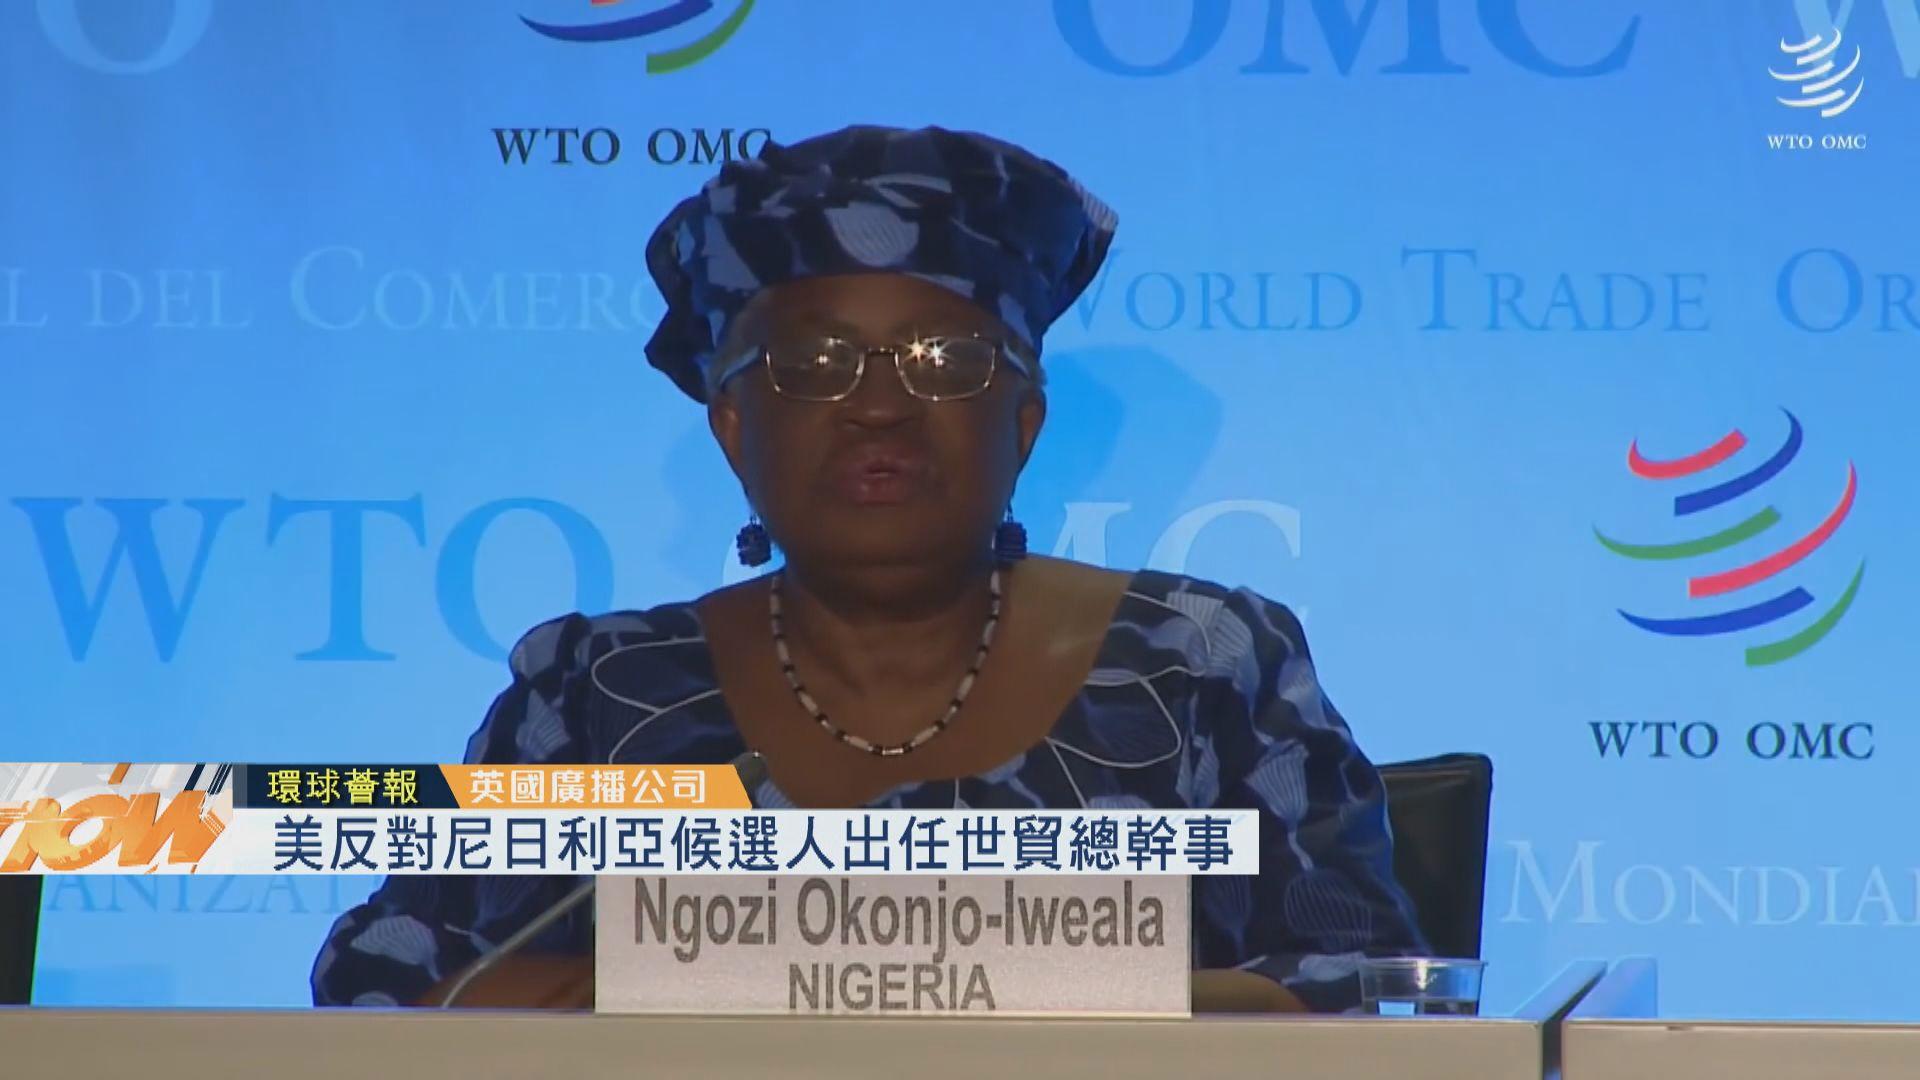 【環球薈報】美反對尼日利亞候選人出任世貿總幹事